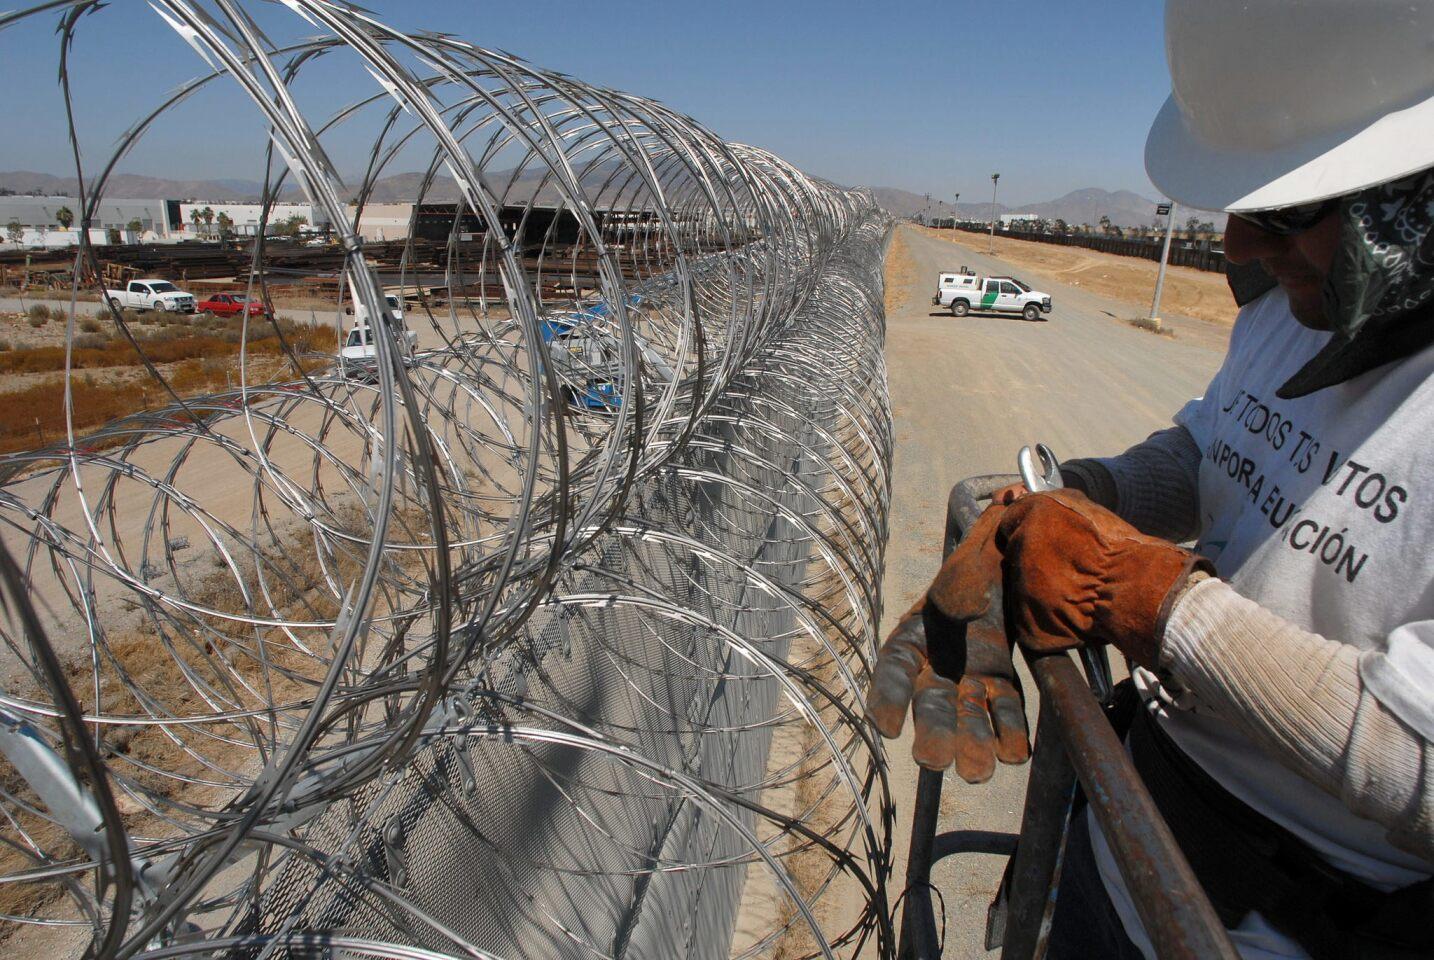 """Fotografía en la que se observa a un trabajador de una empresa subcontratada por la Patrulla fronteriza de Estados Unidos del sector San Diego al instalar alambre de cuchillas o """"razor wire"""" en la valla que separa San Diego (EEUU) de Tijuana (México), y que desde comienzos del mes en curso está siendo reforzada con este material. Según la Patrulla Fronteriza, un promedio de tres agentes son atacados diariamente a lo largo de la frontera, sobre todo en los sectores de California y Arizona. EFE/DAVID MAUNG"""